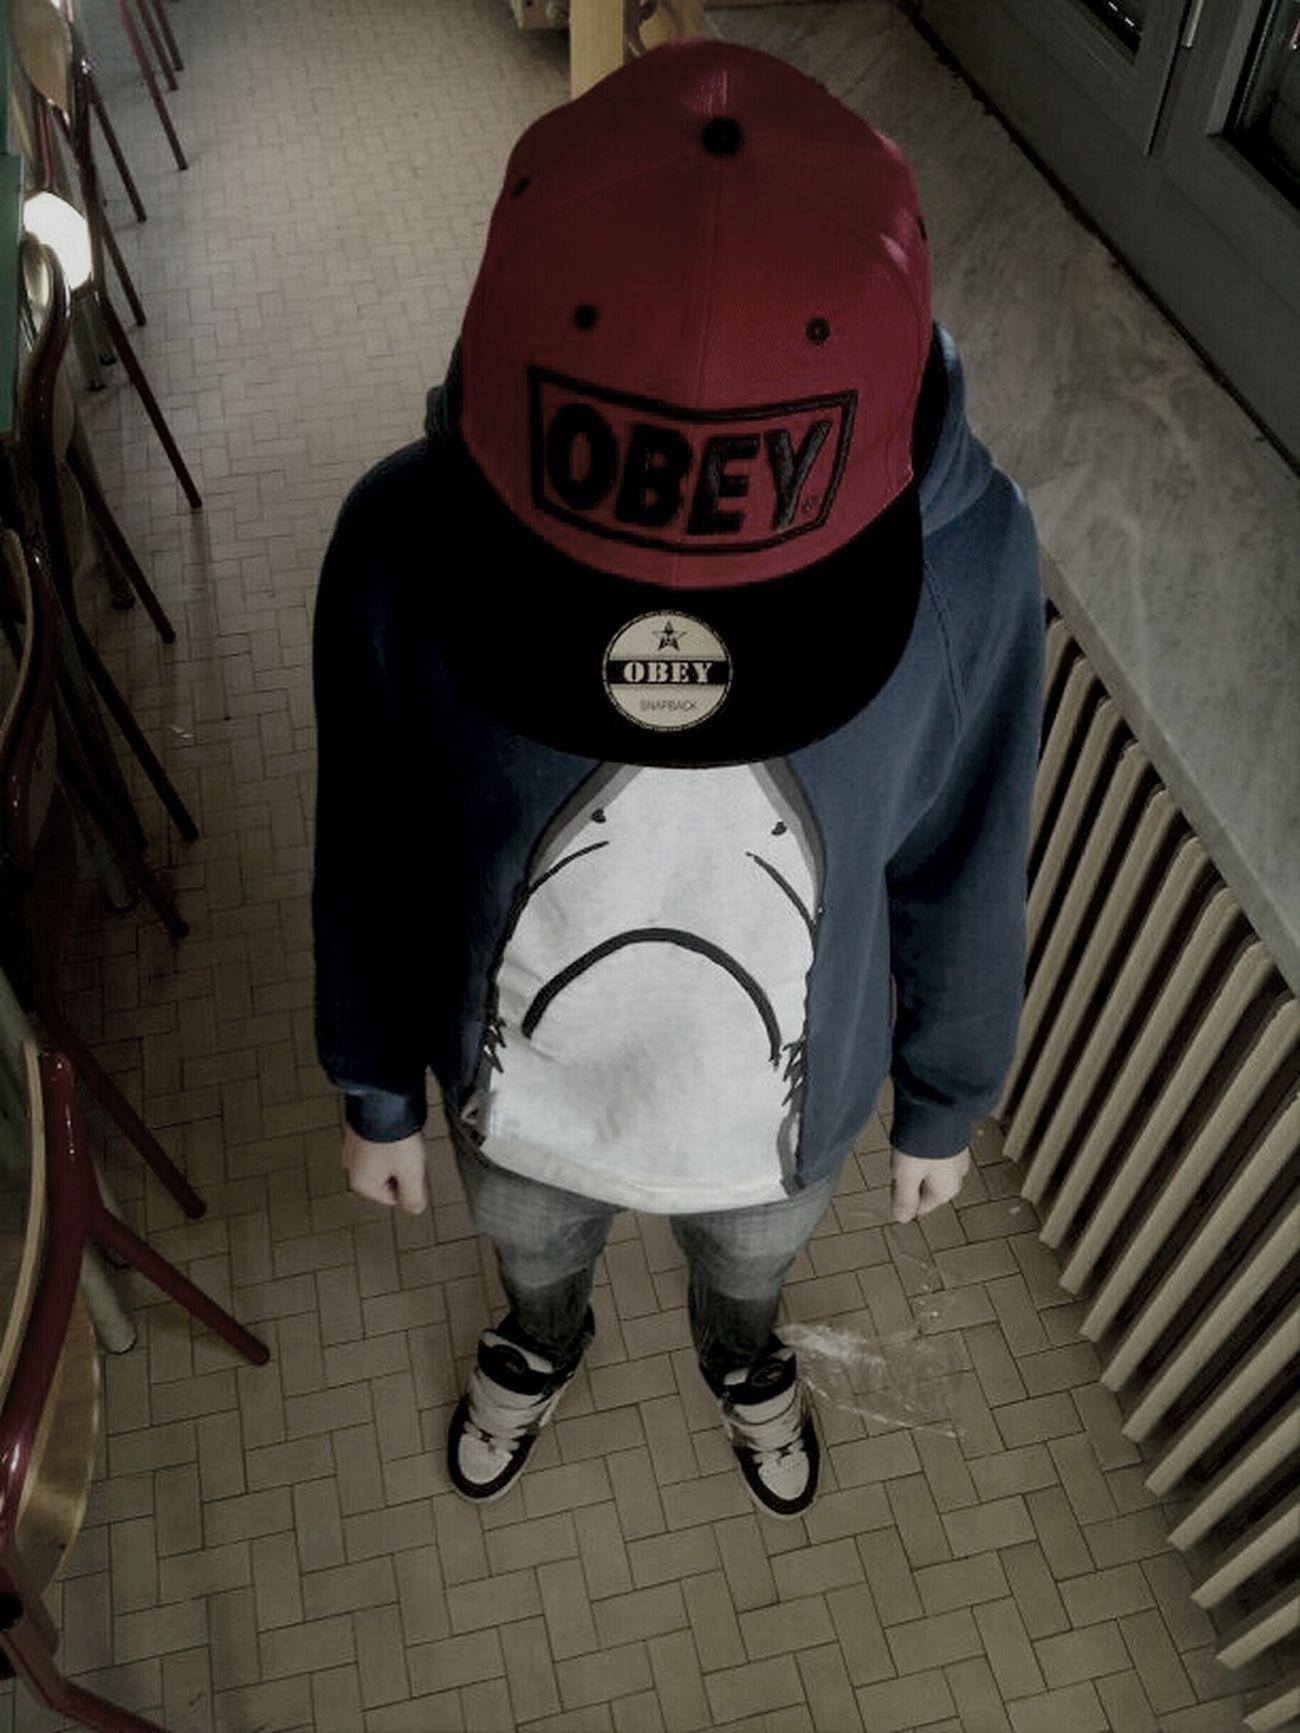 OBEY OBEY OBEY :¤